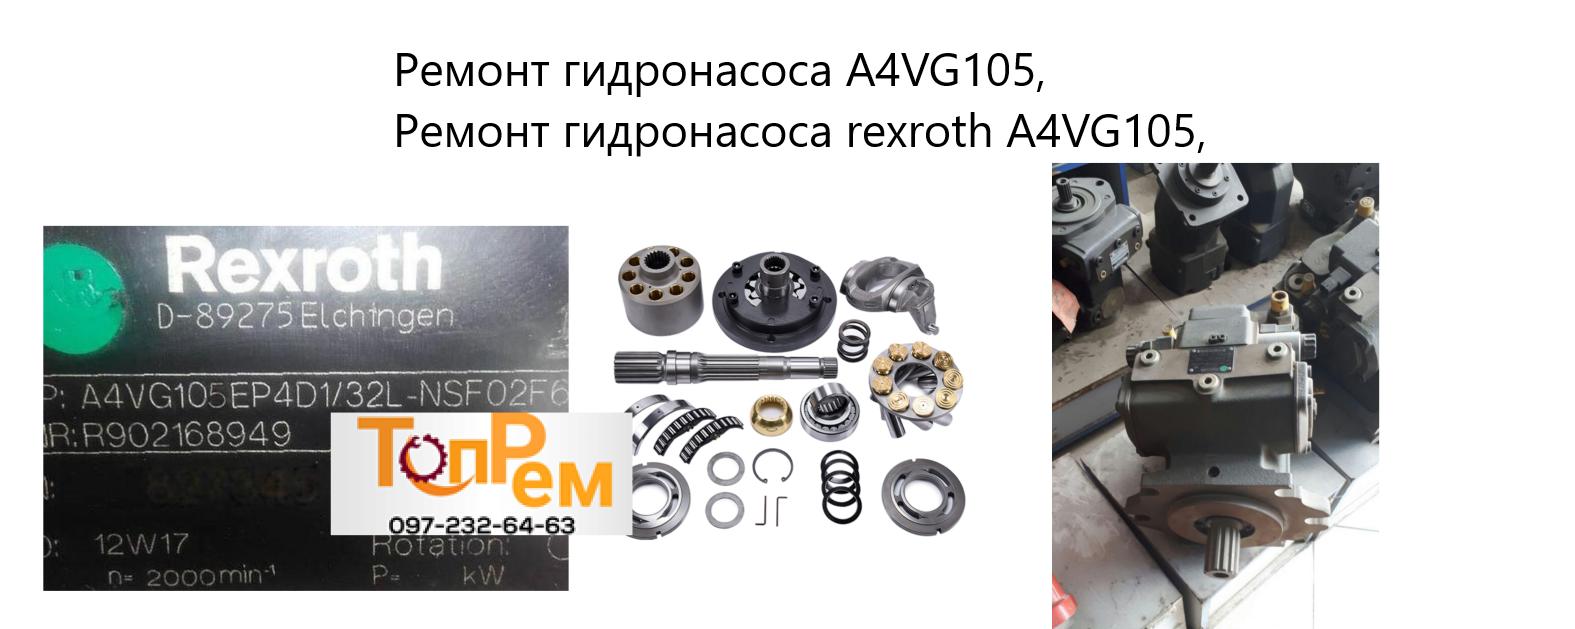 Ремонт гидронасоса A4VG105